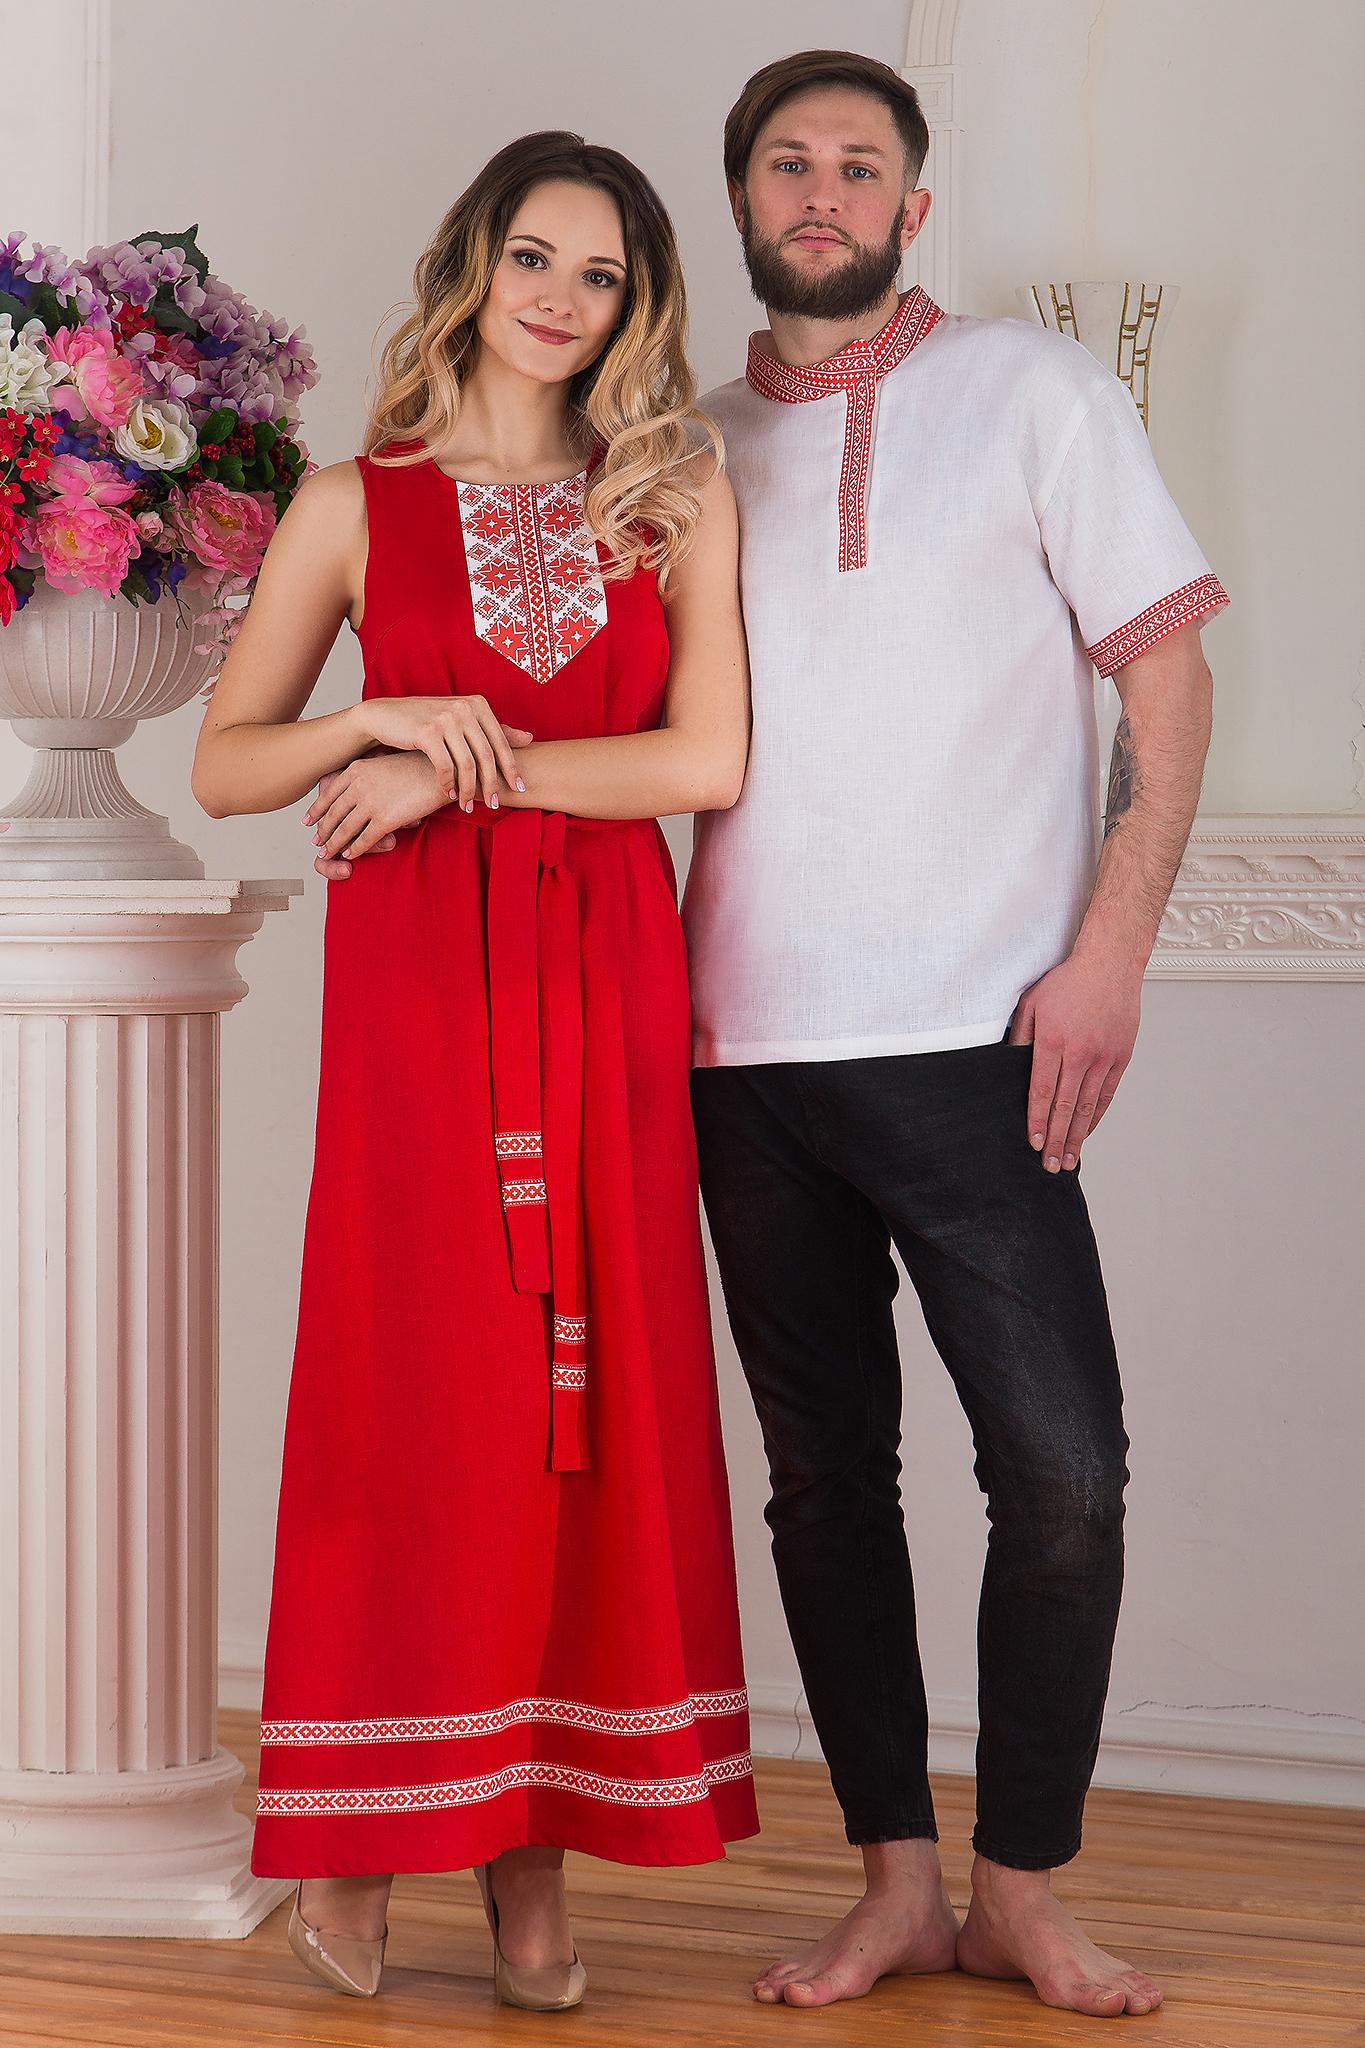 Сарафан традиционный русский льняной от Иванка с мужчиной